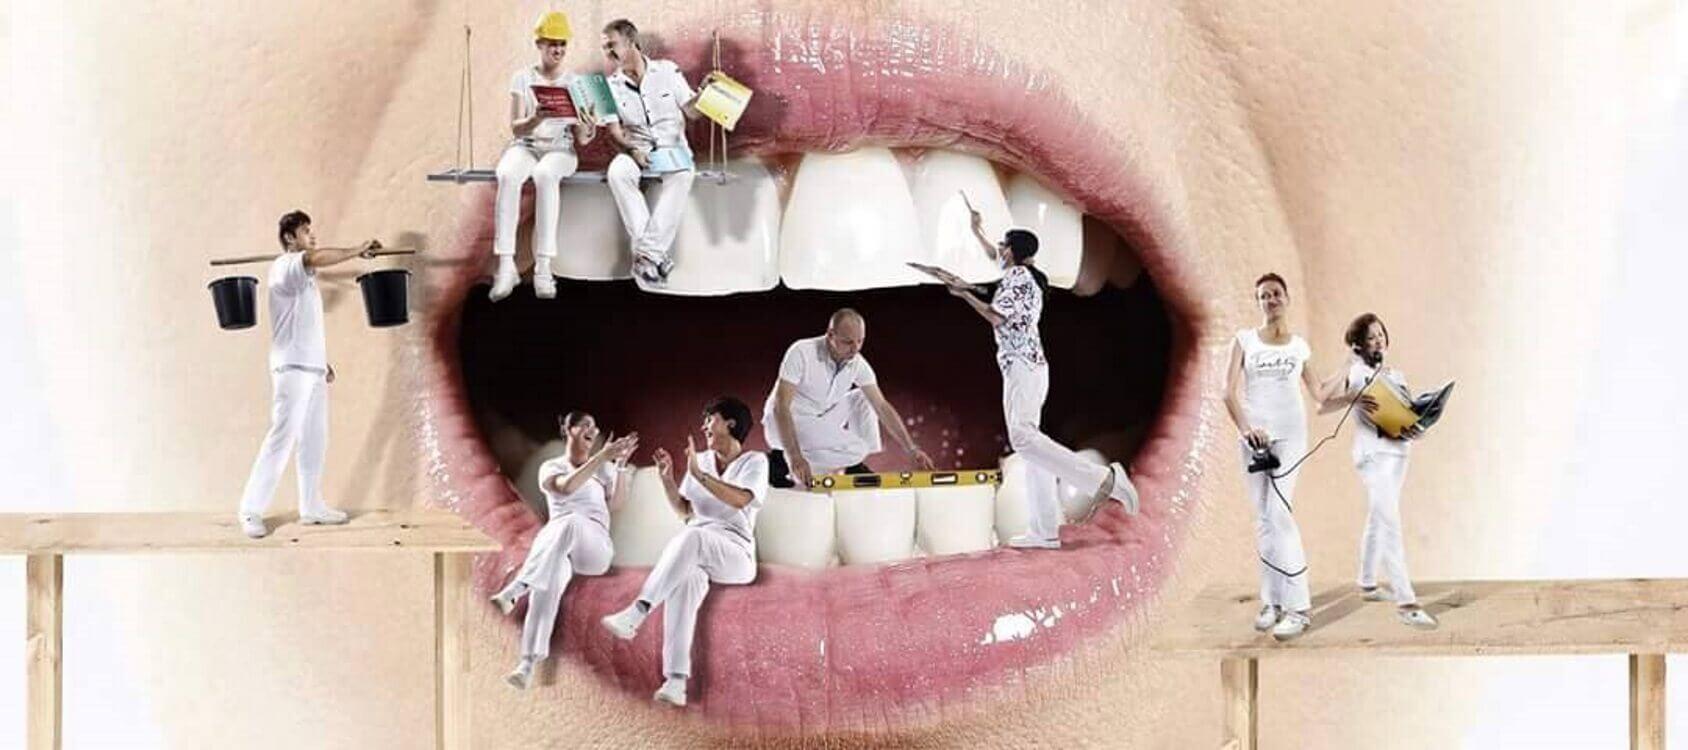 Địa chỉ niềng răng uy tín tại nha khoa TP HCM 2